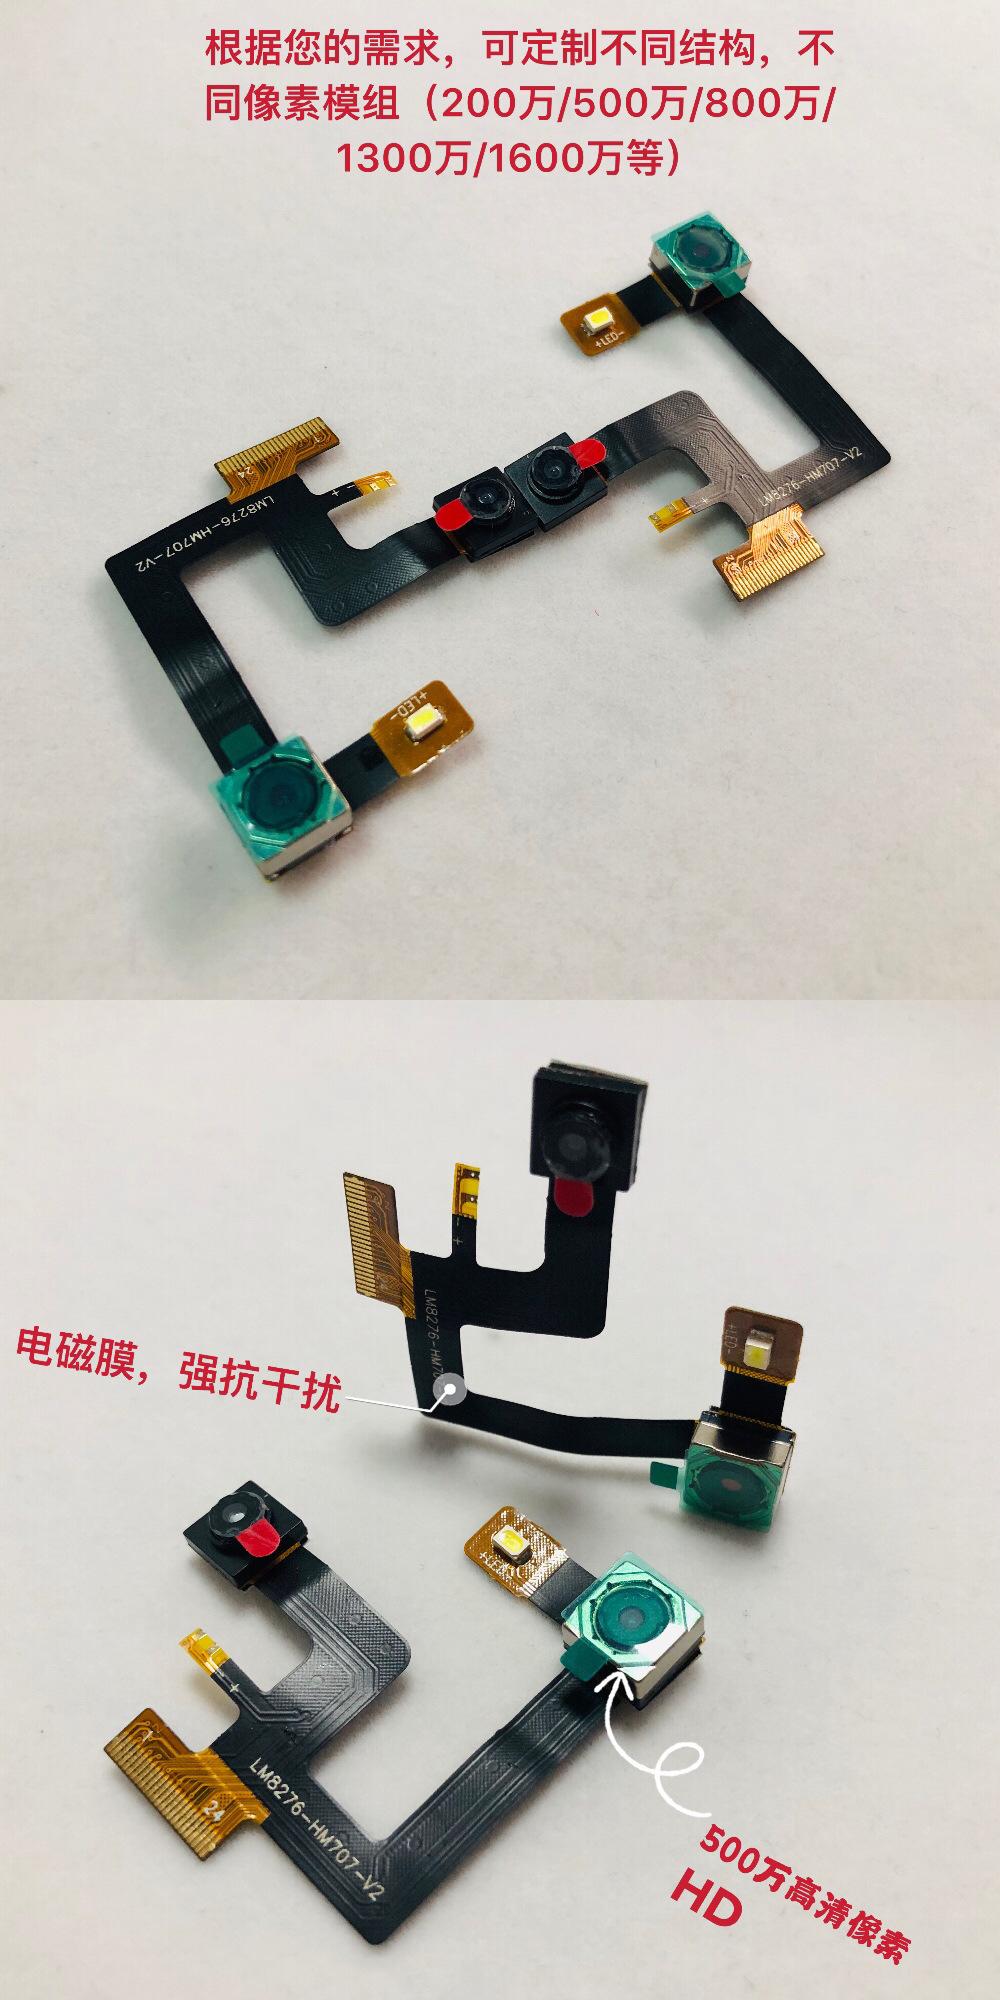 工厂定制手机摄像头模组 500万高清FPC/MIPI扫码/手机摄像头模组示例图1